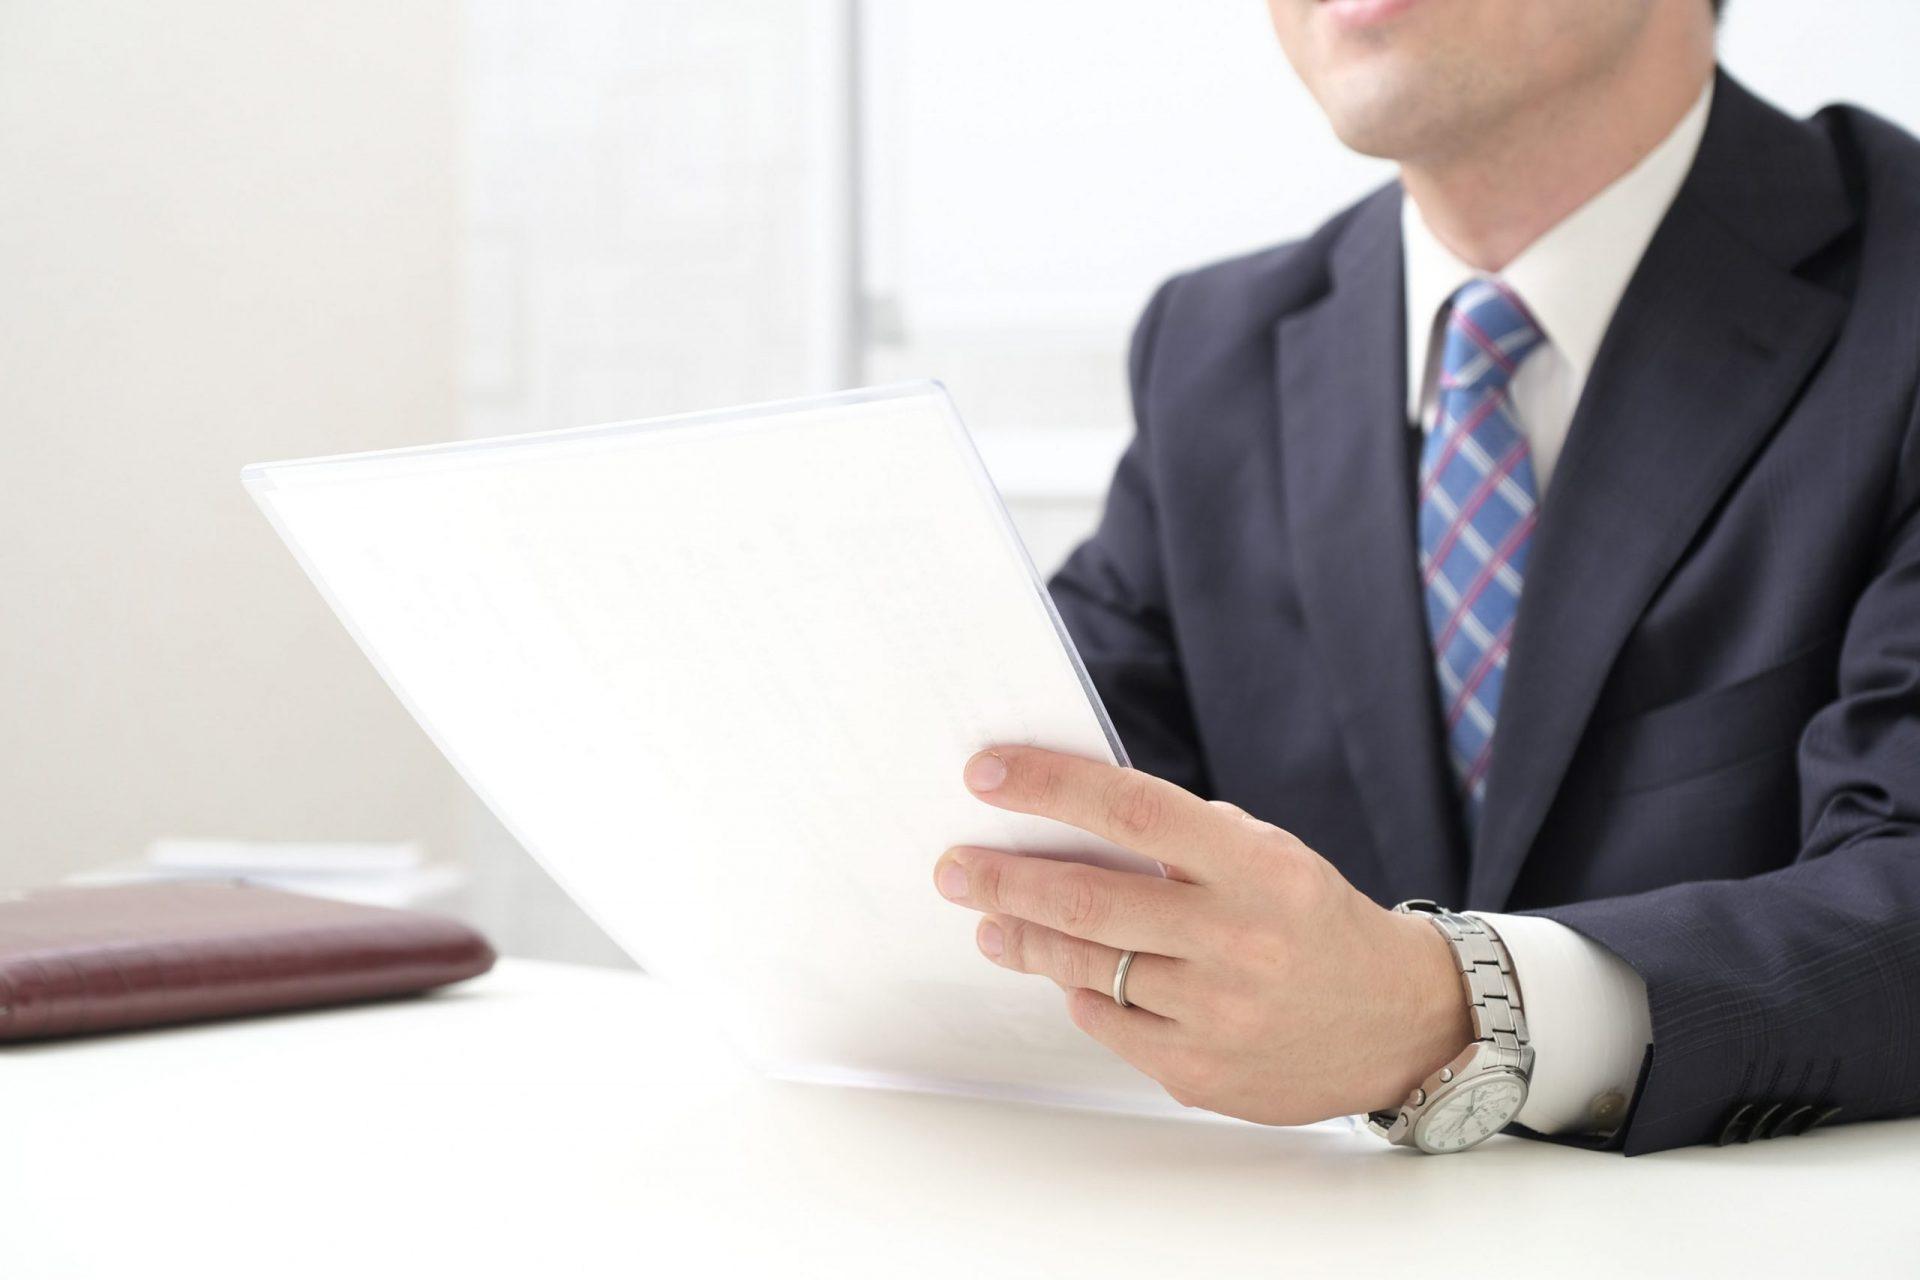 【1月15日現在 最新情報】士業事務所が監理団体運営を行う際に検討すべき3つのポイント